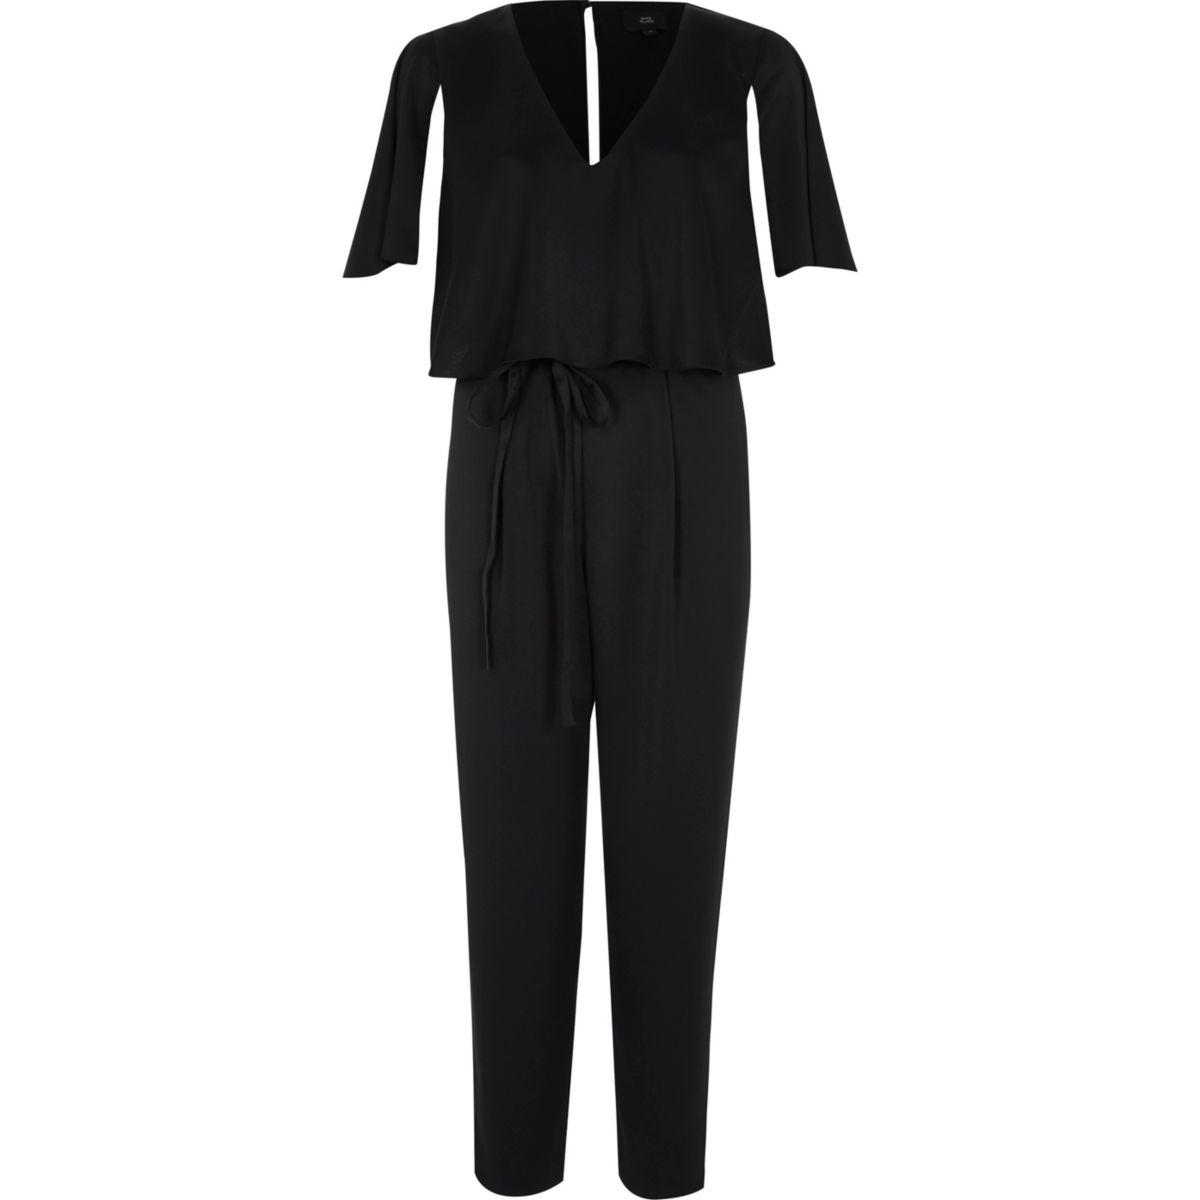 Schwarzer Overall mit Capeärmeln und Taillenband